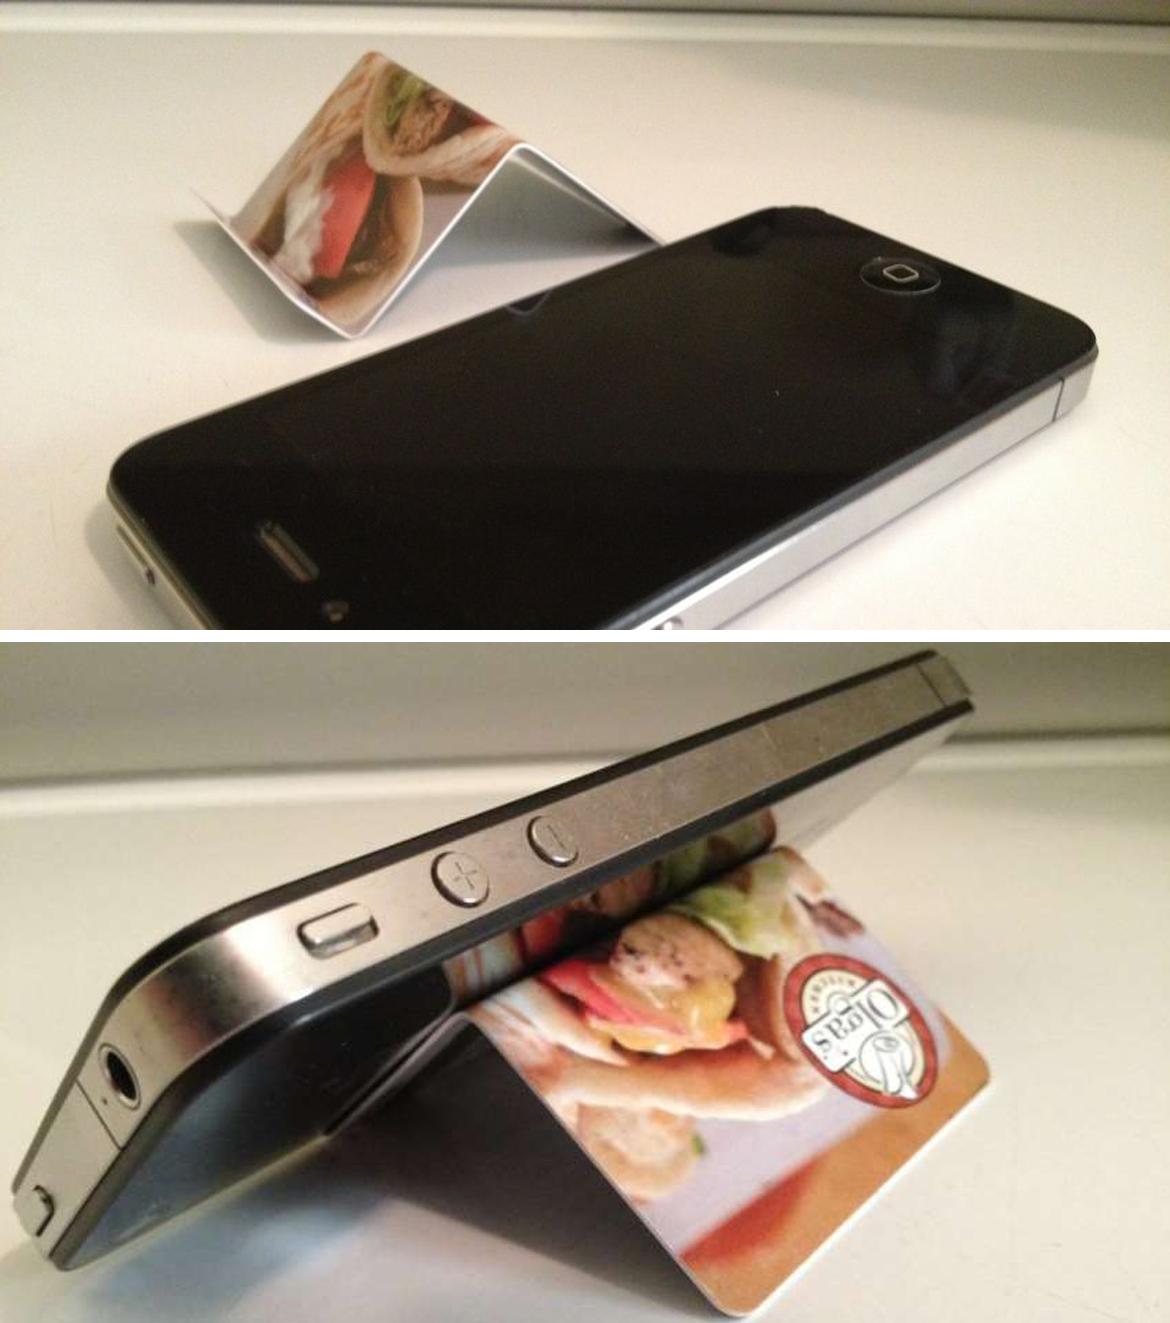 5 cách tự chế giá đỡ smartphone cực dễ, không lo livestream lộ hàng như Noo Phước Thịnh - Ảnh 7.